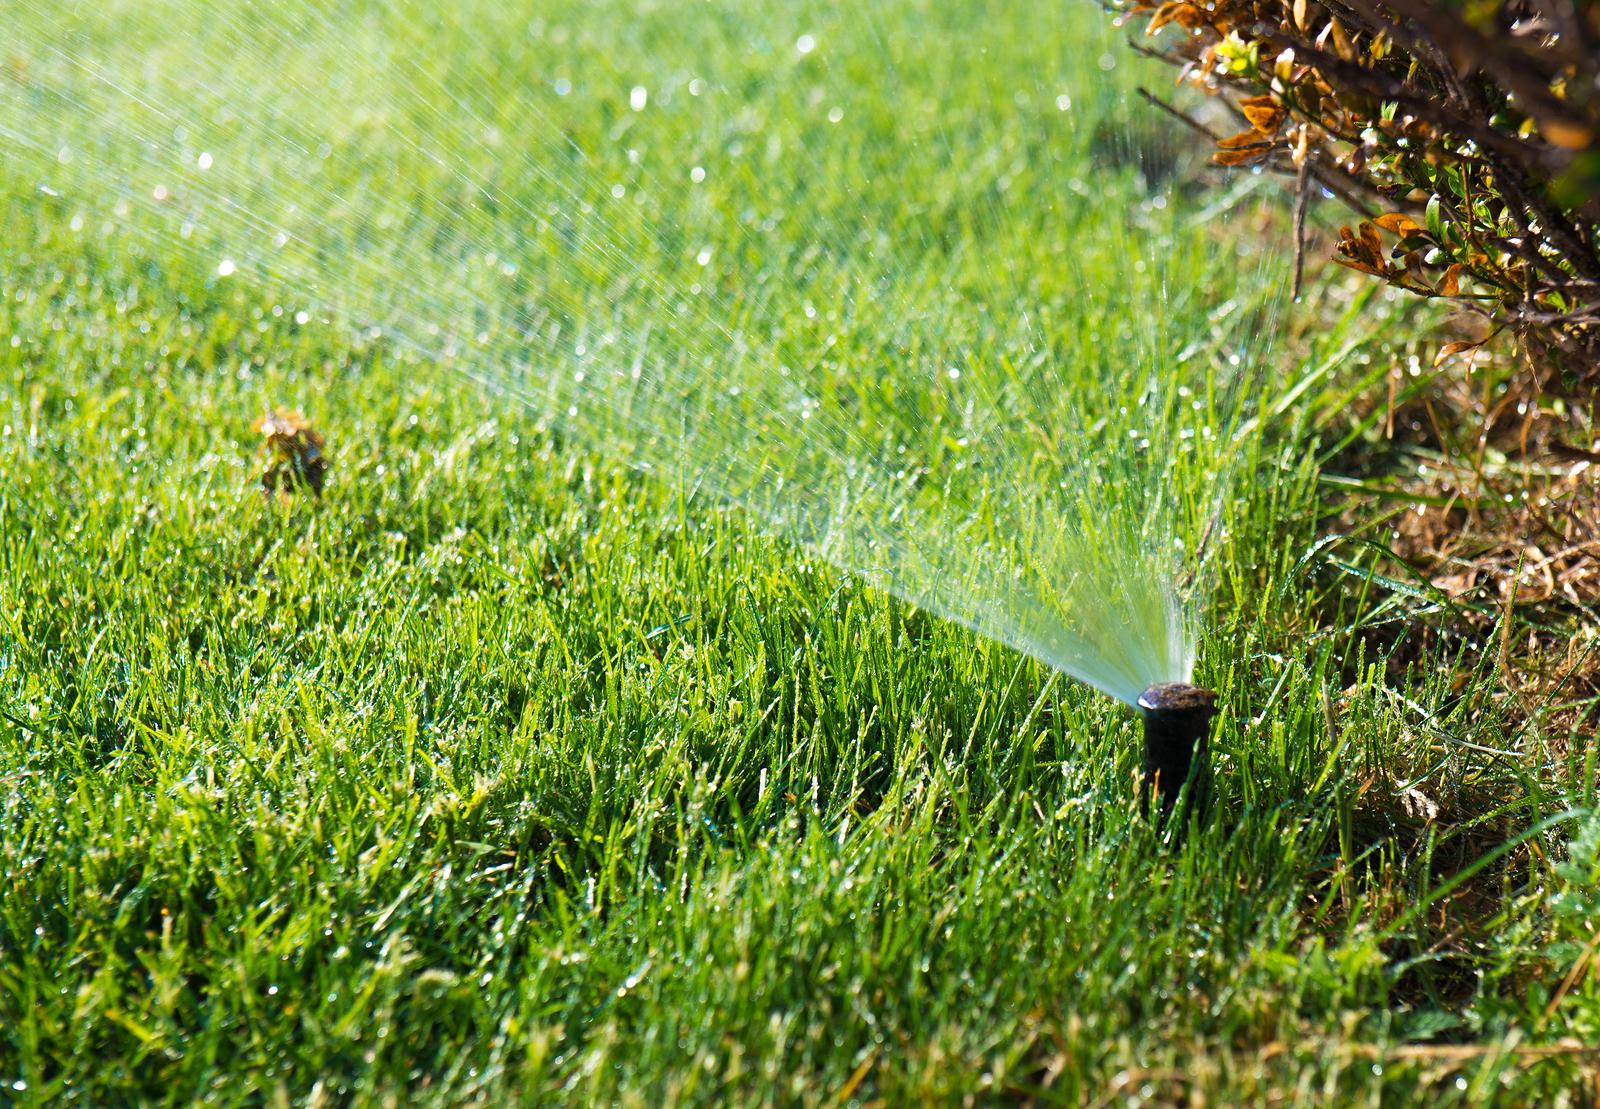 Lawn water sprinkler spraying water over grass in garden_335228